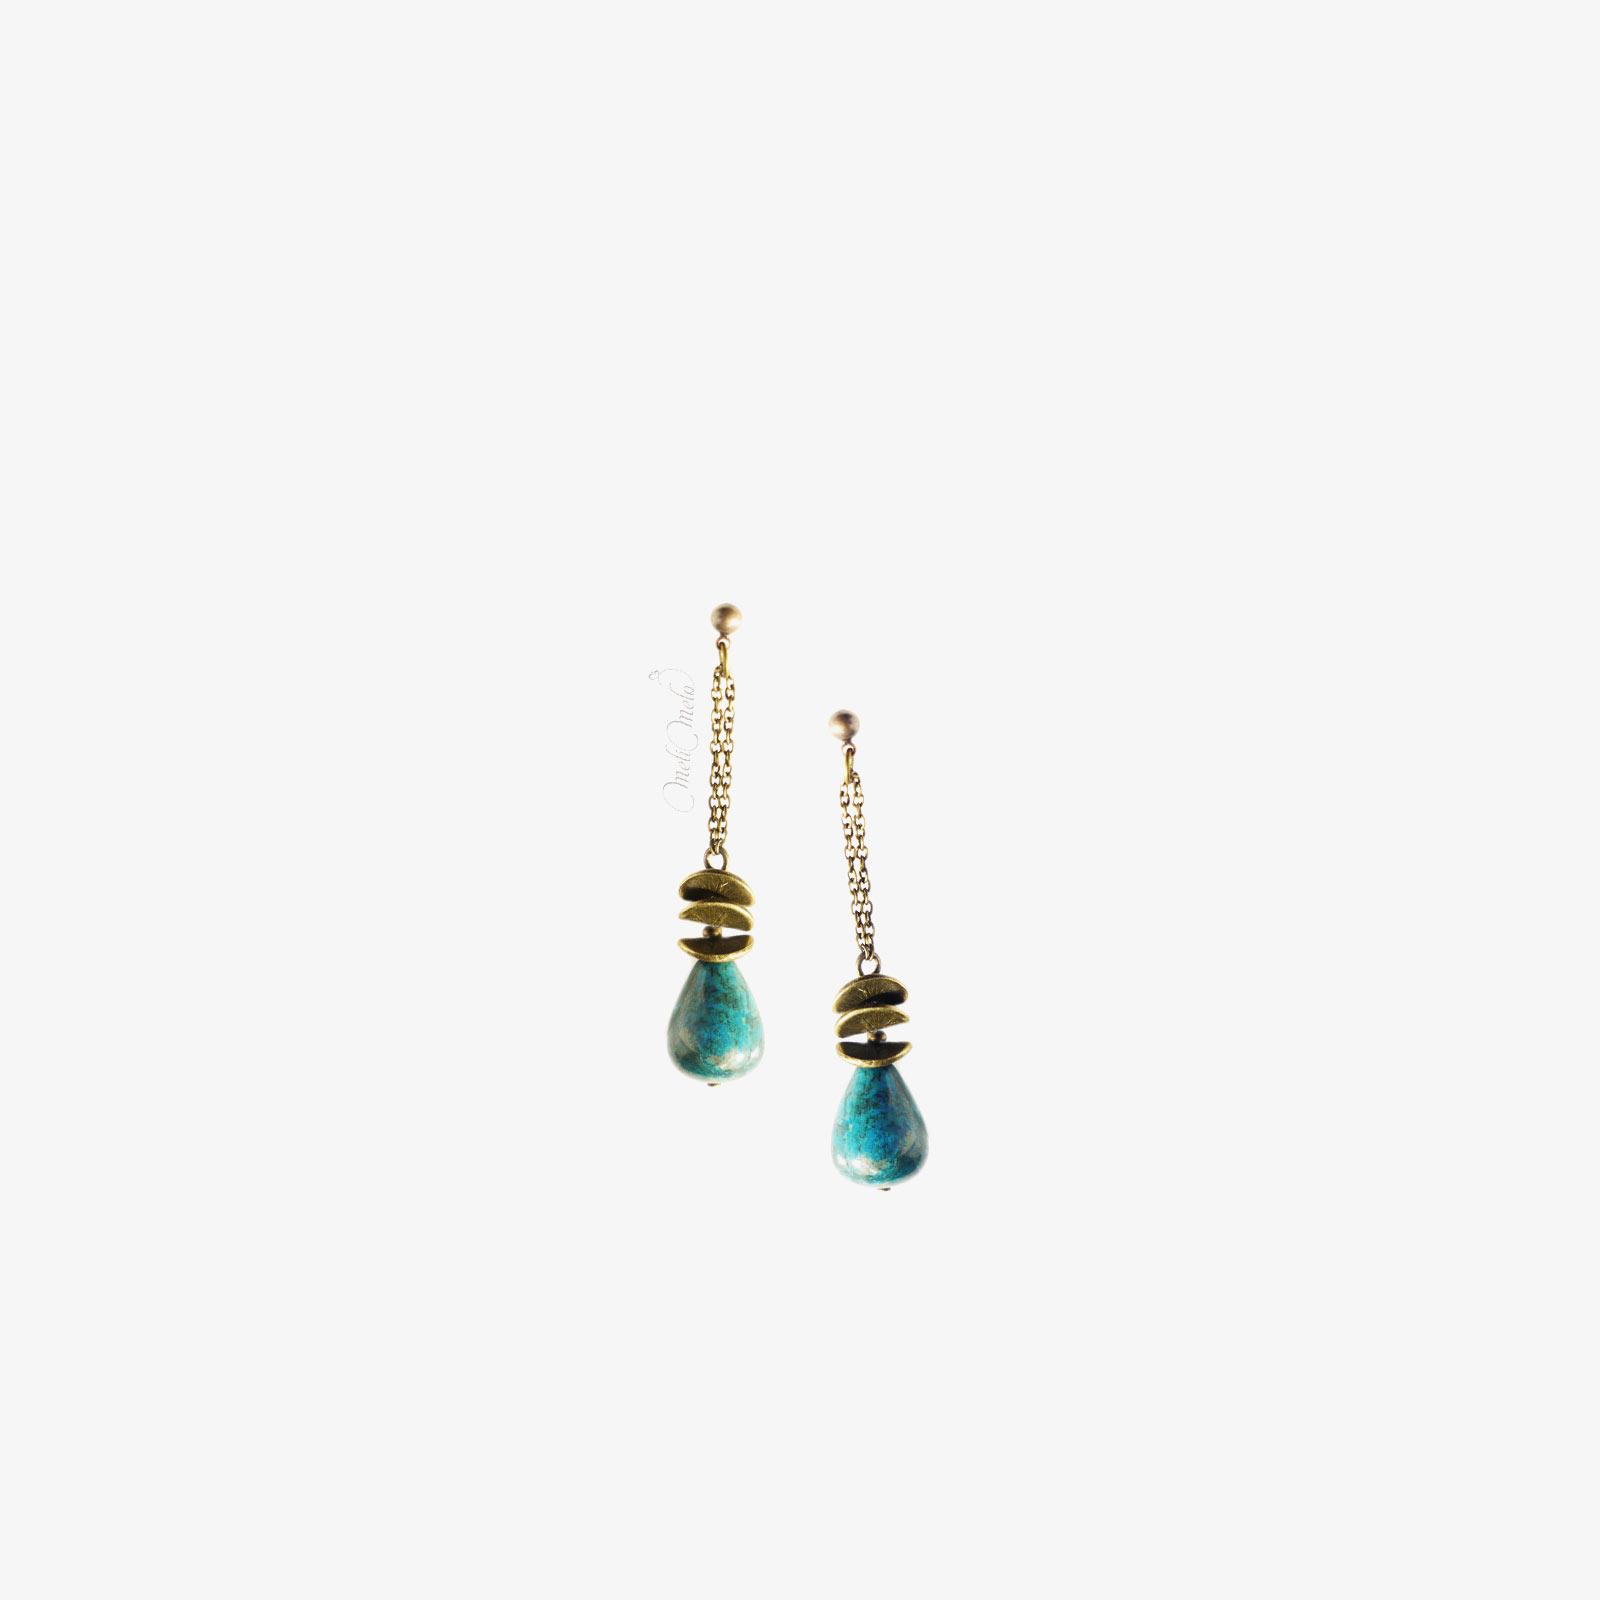 pendants oreille Jaspe bleu japonisant laboutiquedemelimelo